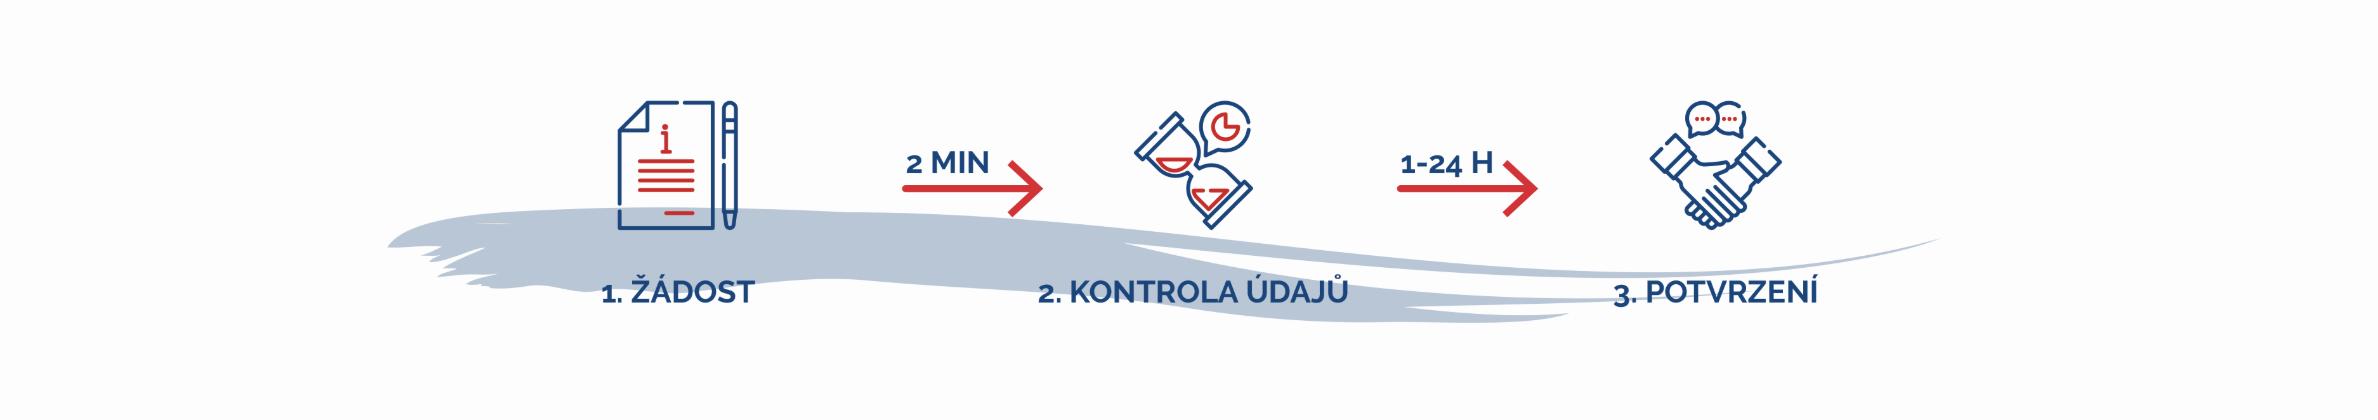 Svůj kód LEI obdržíte za 1 hodinu. První automatizovaný formulář žádosti o LEI v Česku.